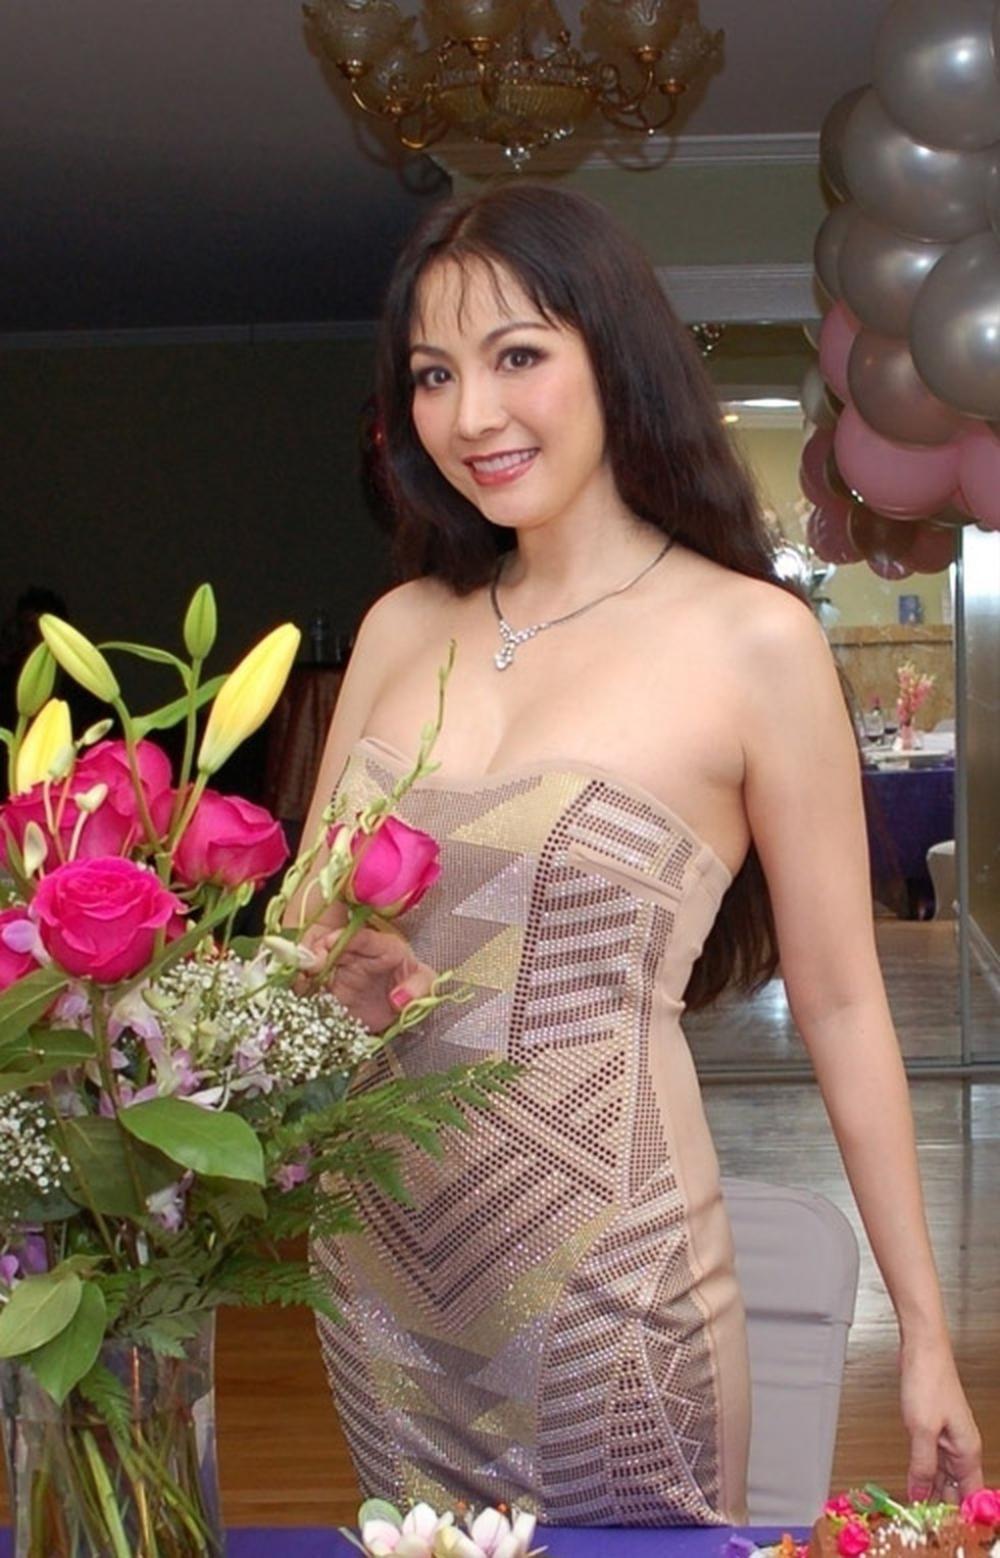 Vẻ đẹp thuần khiết của 16 cô gái thuở mới đăng quang Hoa hậu Việt Nam: Chờ đợi nhan sắc kế nhiệm Tiểu Vy Ảnh 25